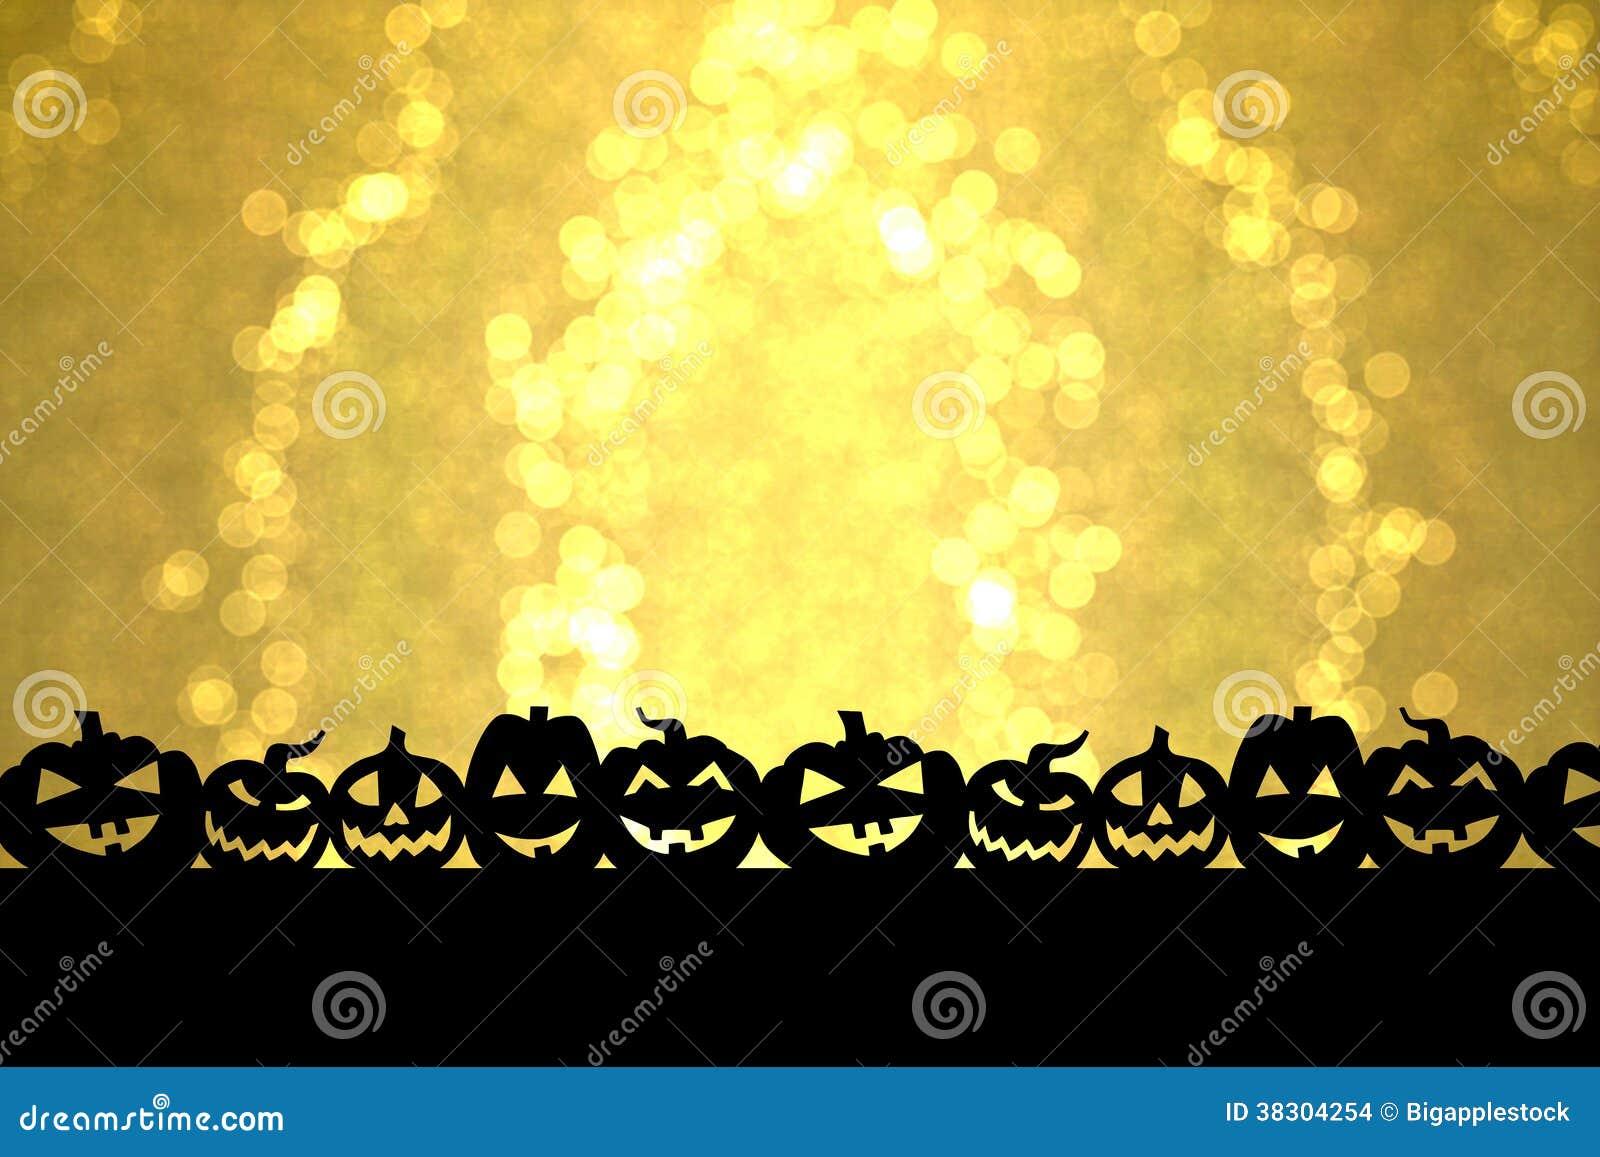 Golden Halloween